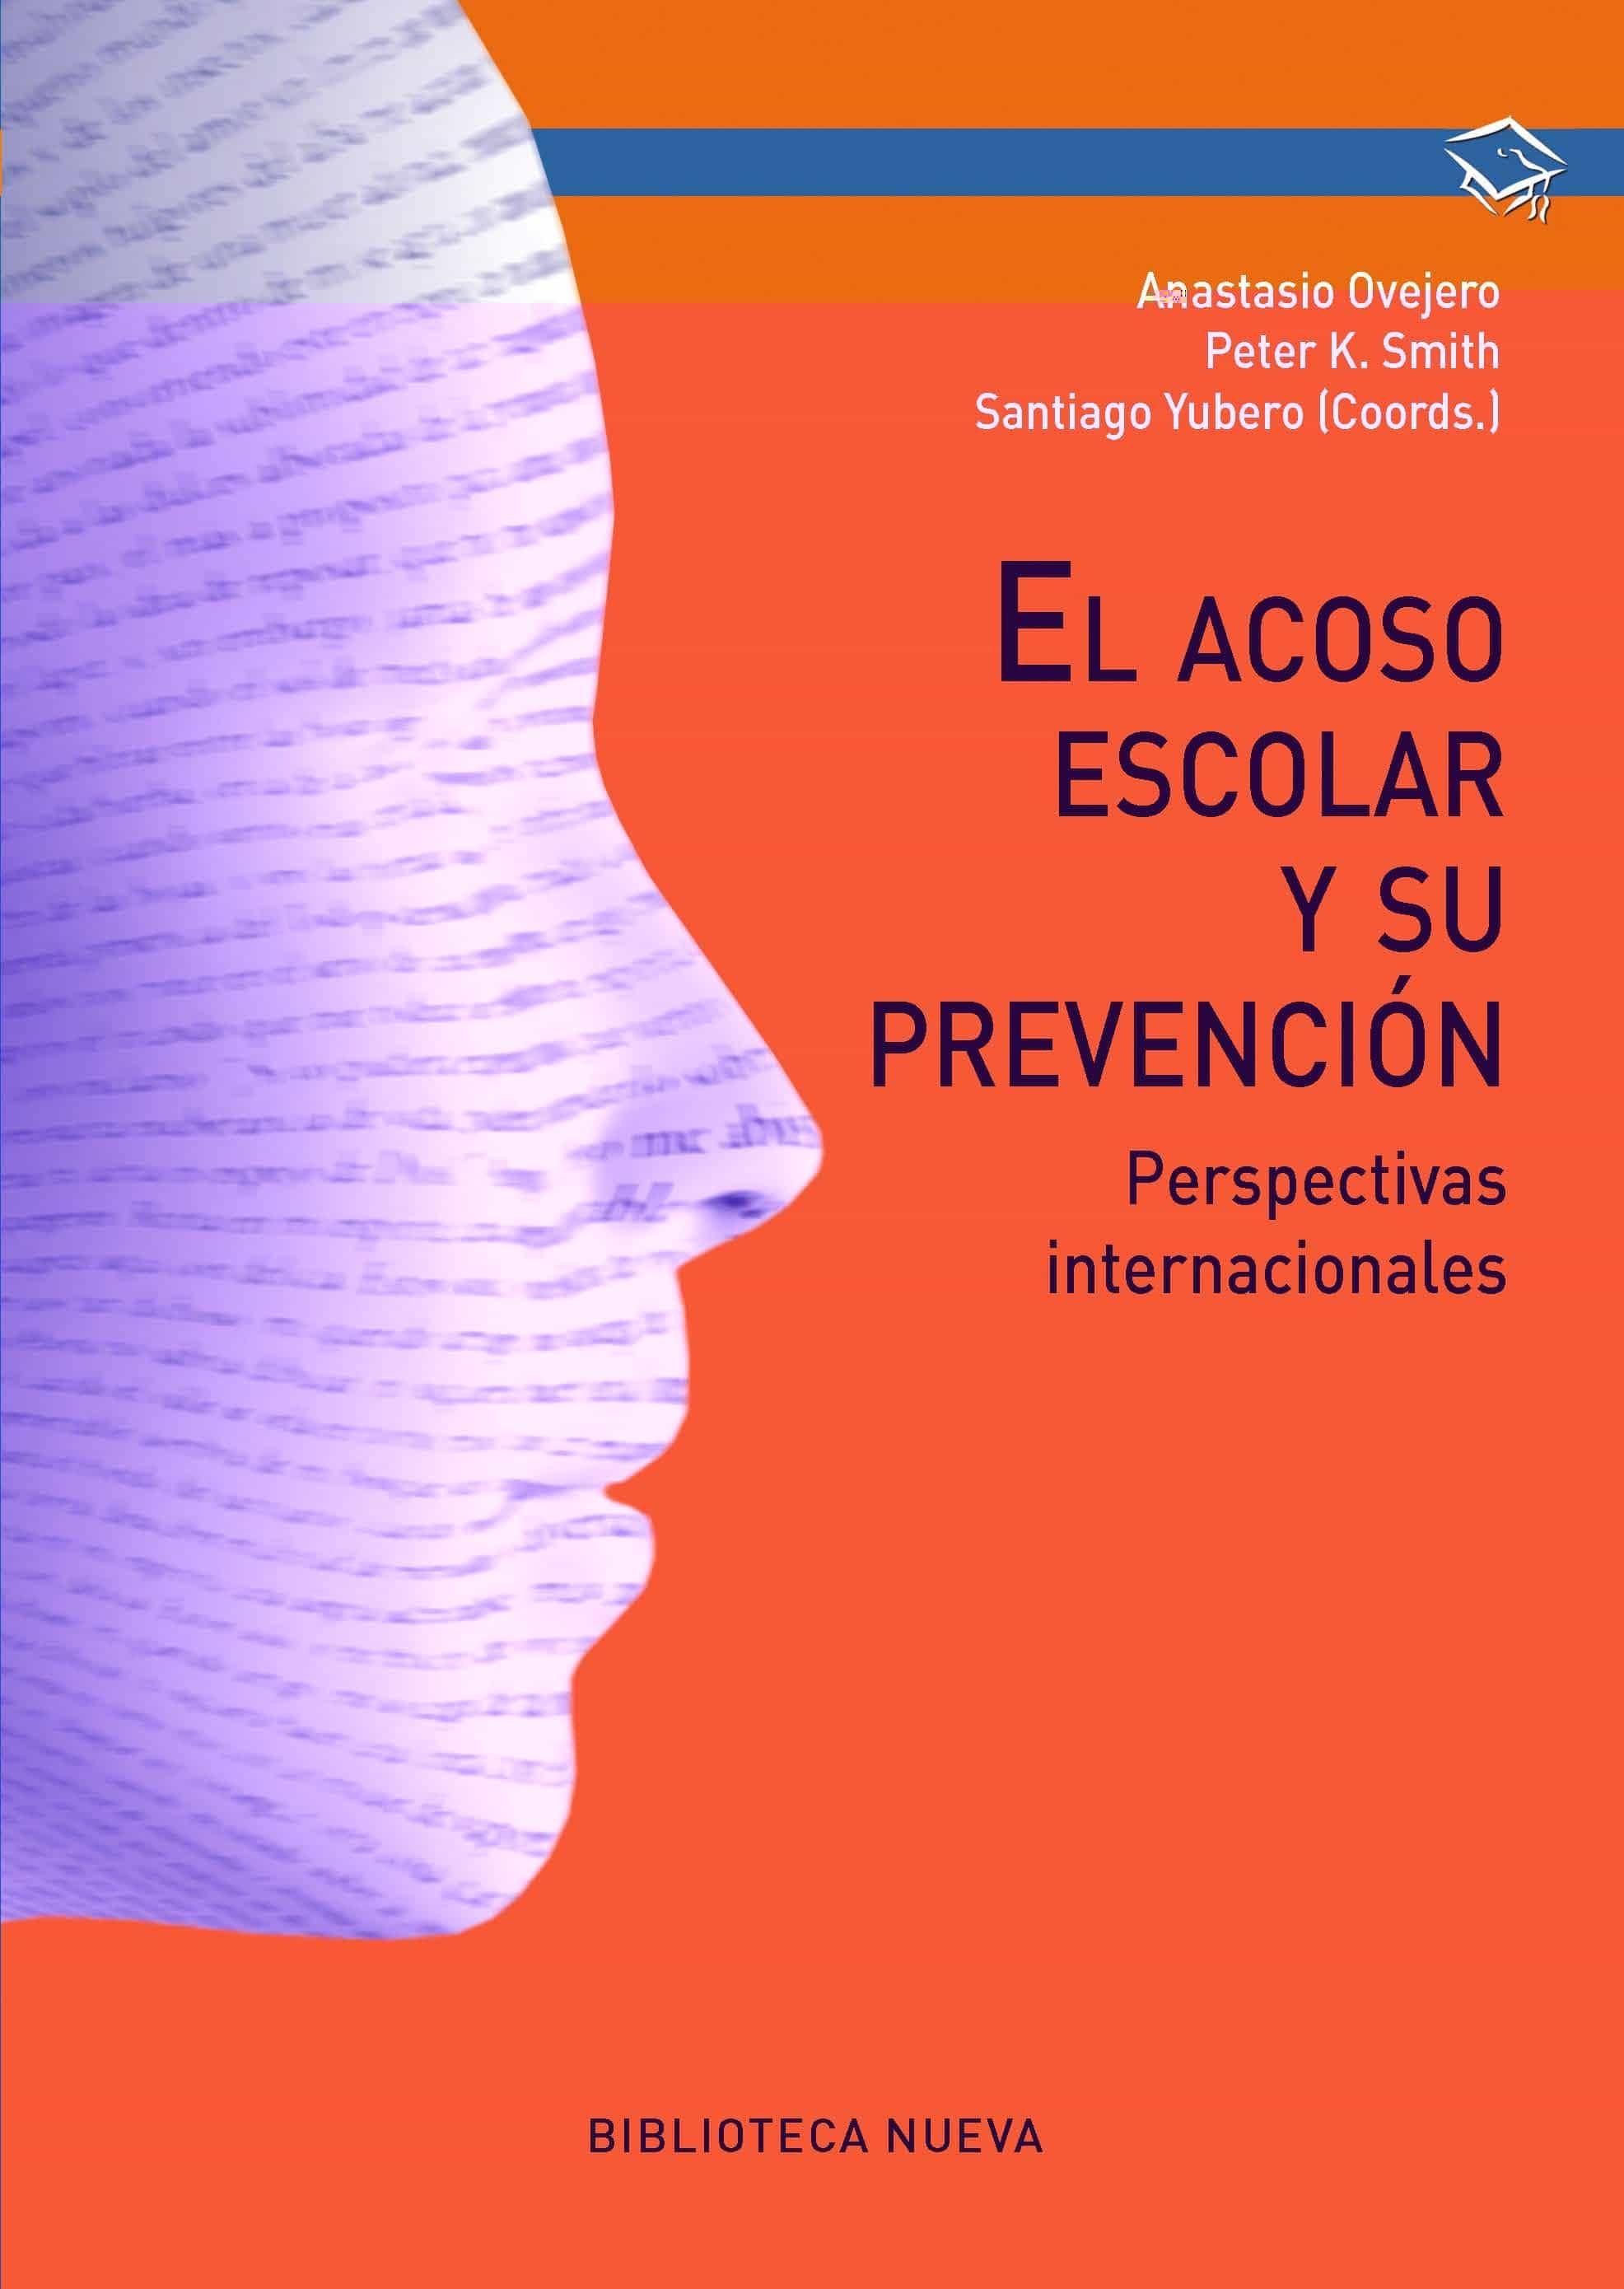 El Acoso Escolar Y Su Prevención por Vv.aa.